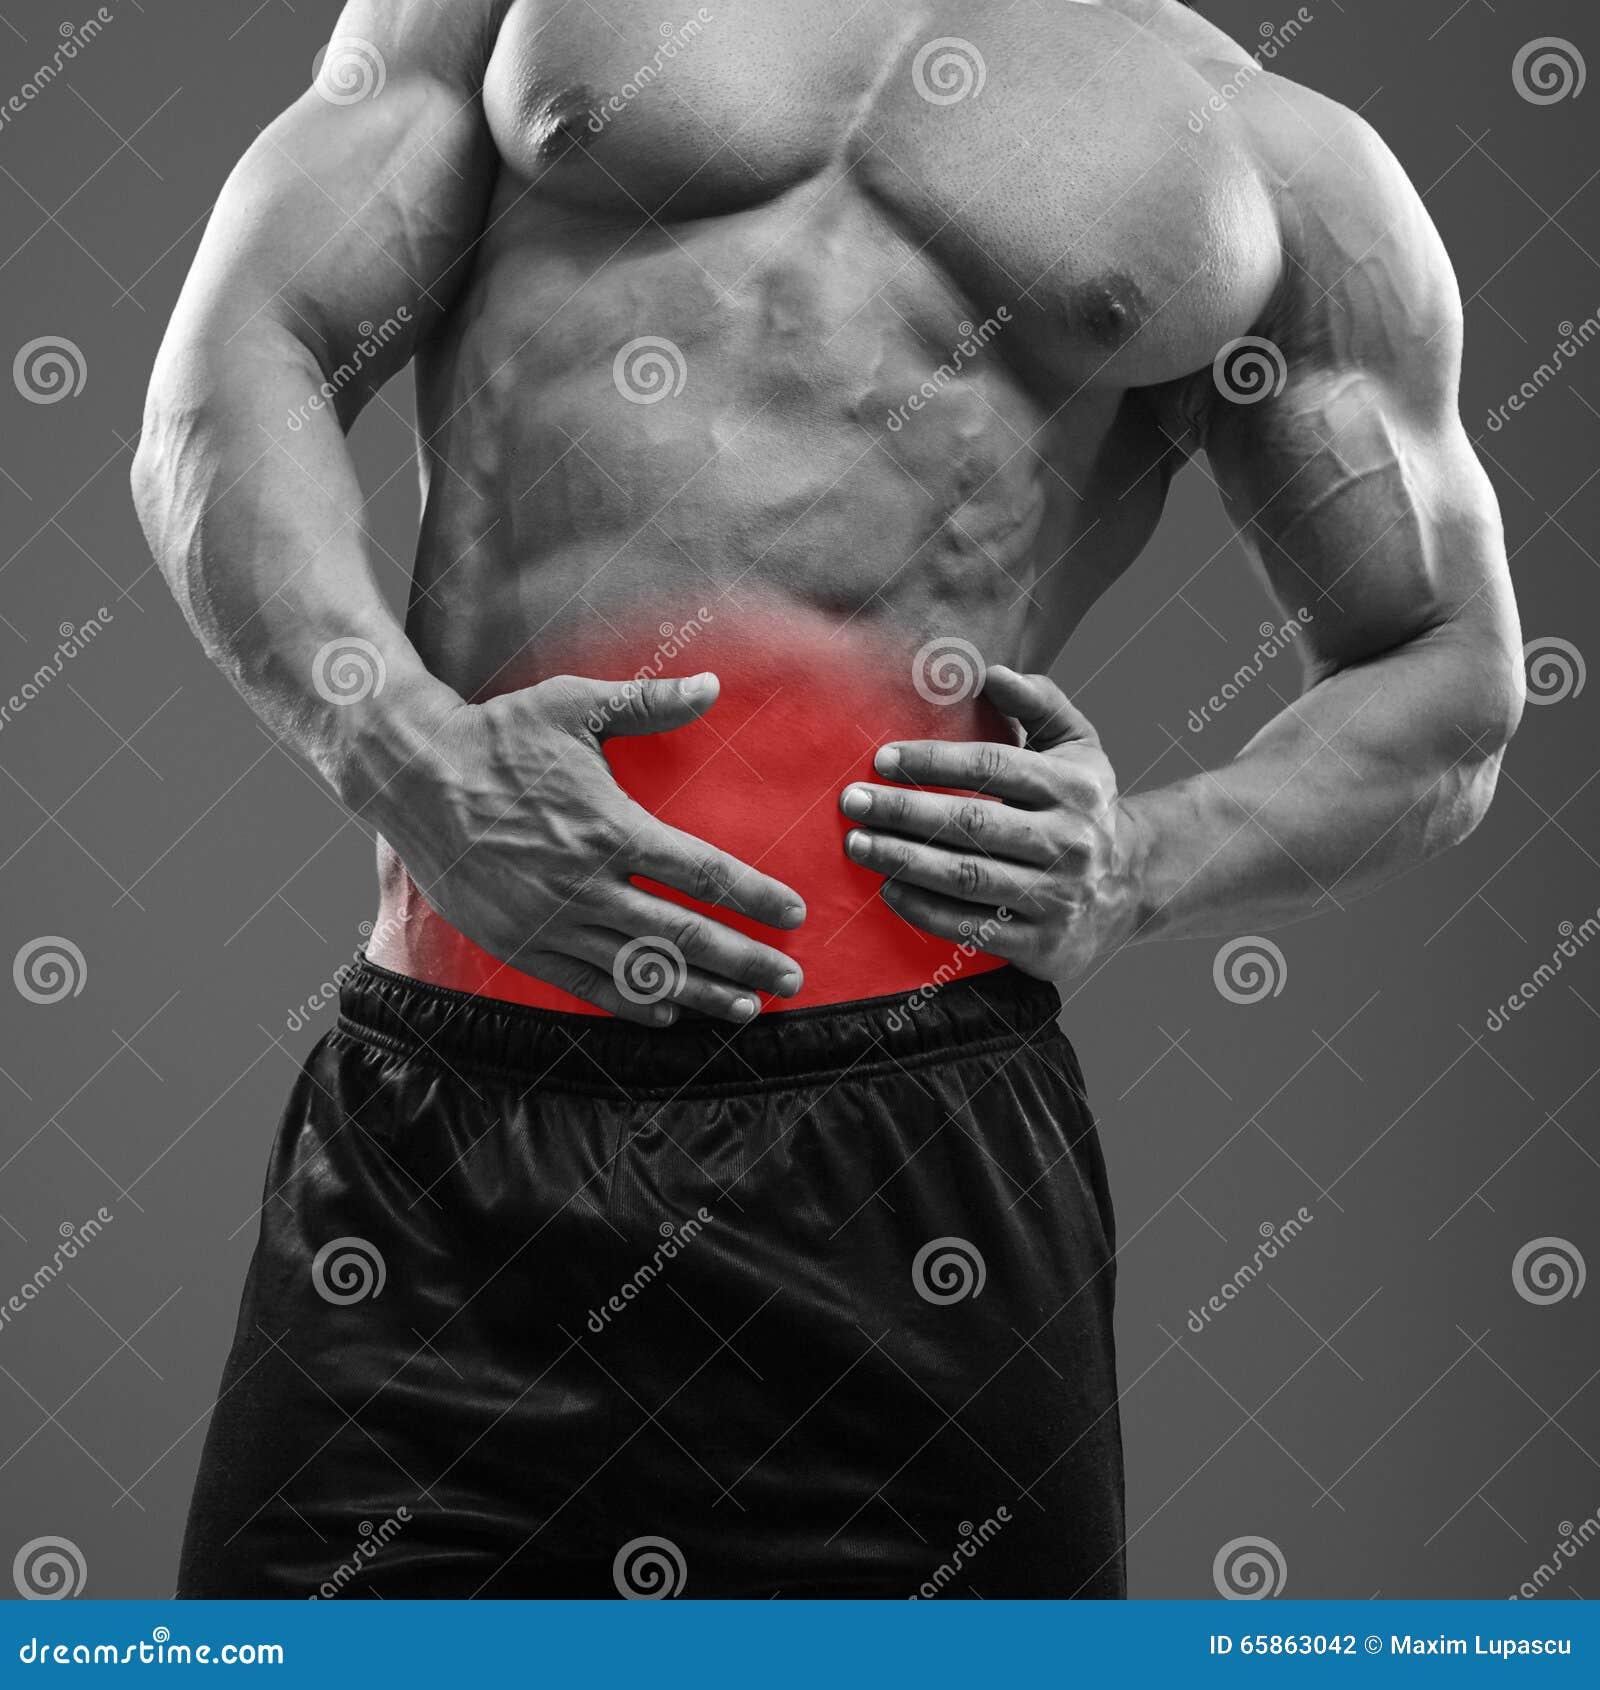 Dolor muscular en todo el lado izquierdo del cuerpo